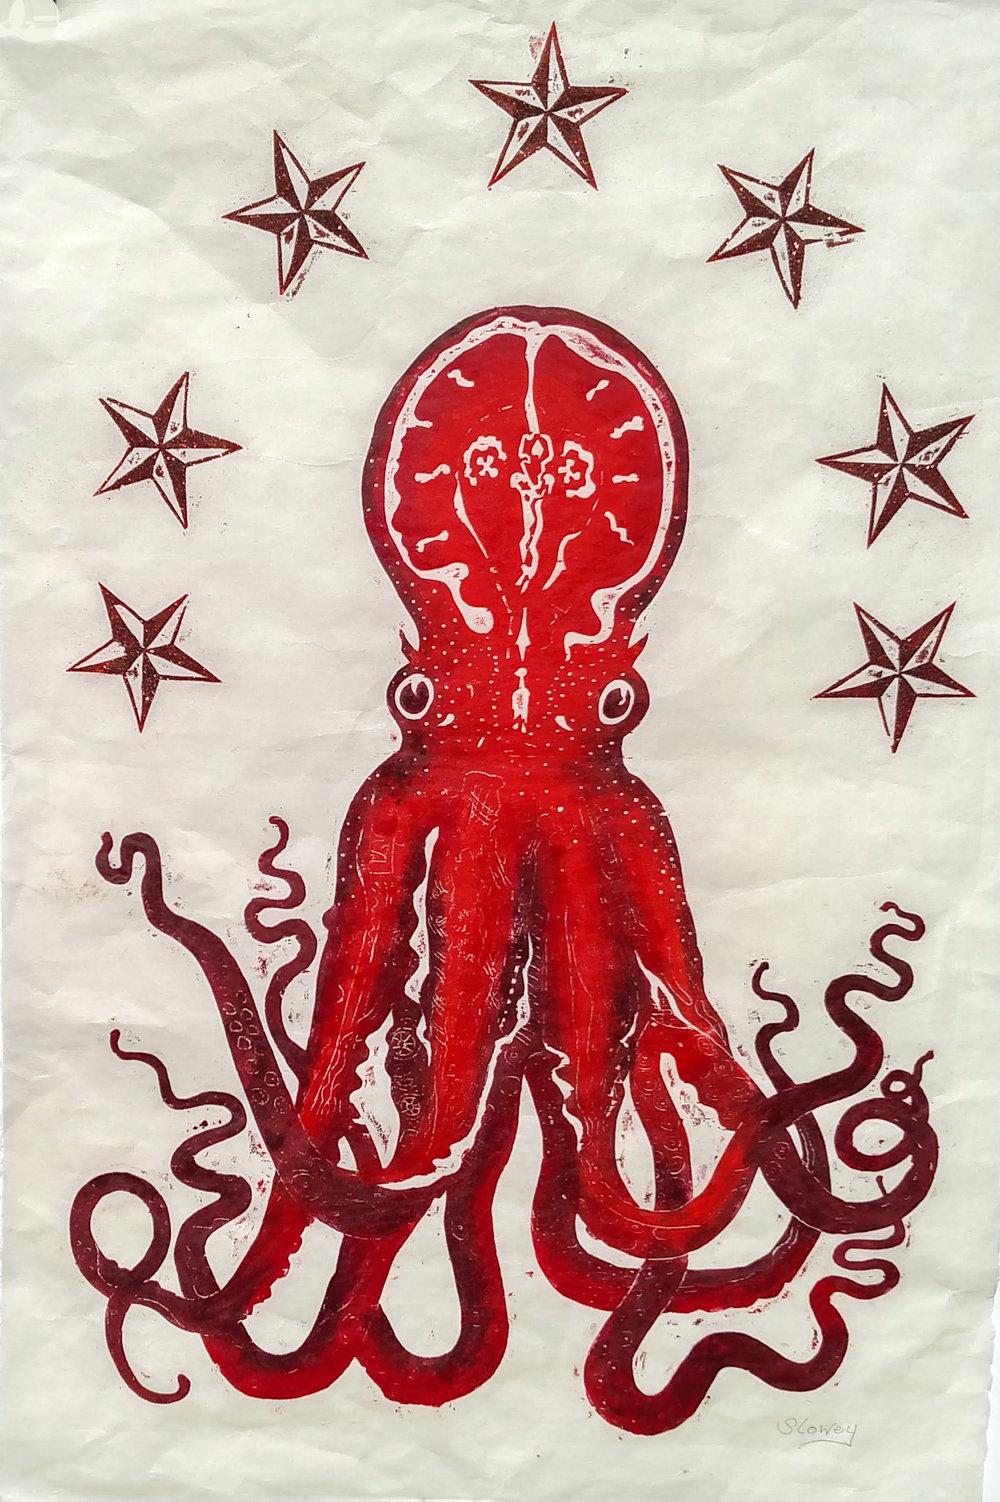 red octopus woodcut Slowey 2018 36 x 24 in.jpg